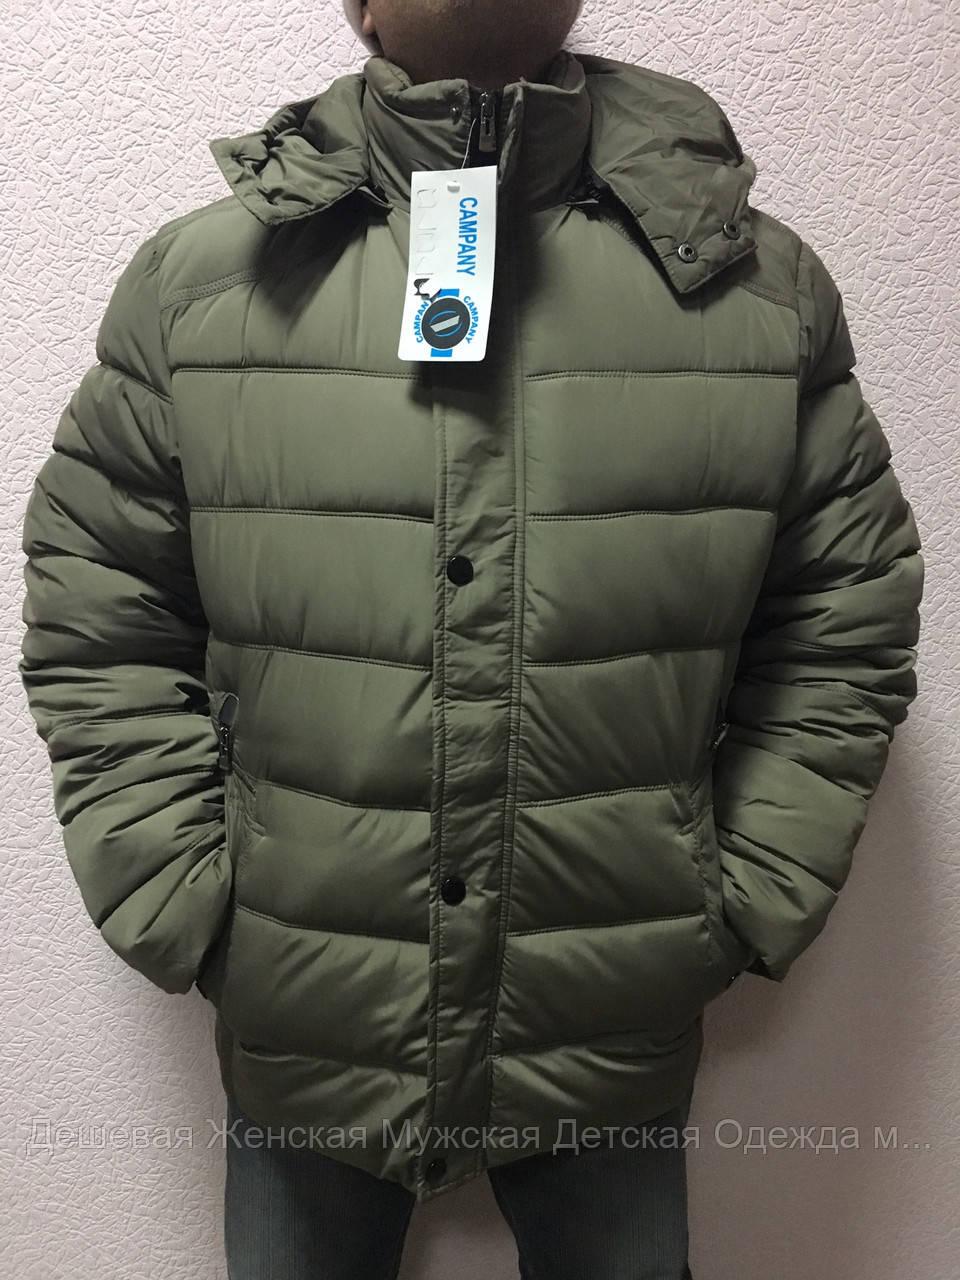 Мужская куртка зима 52 размер